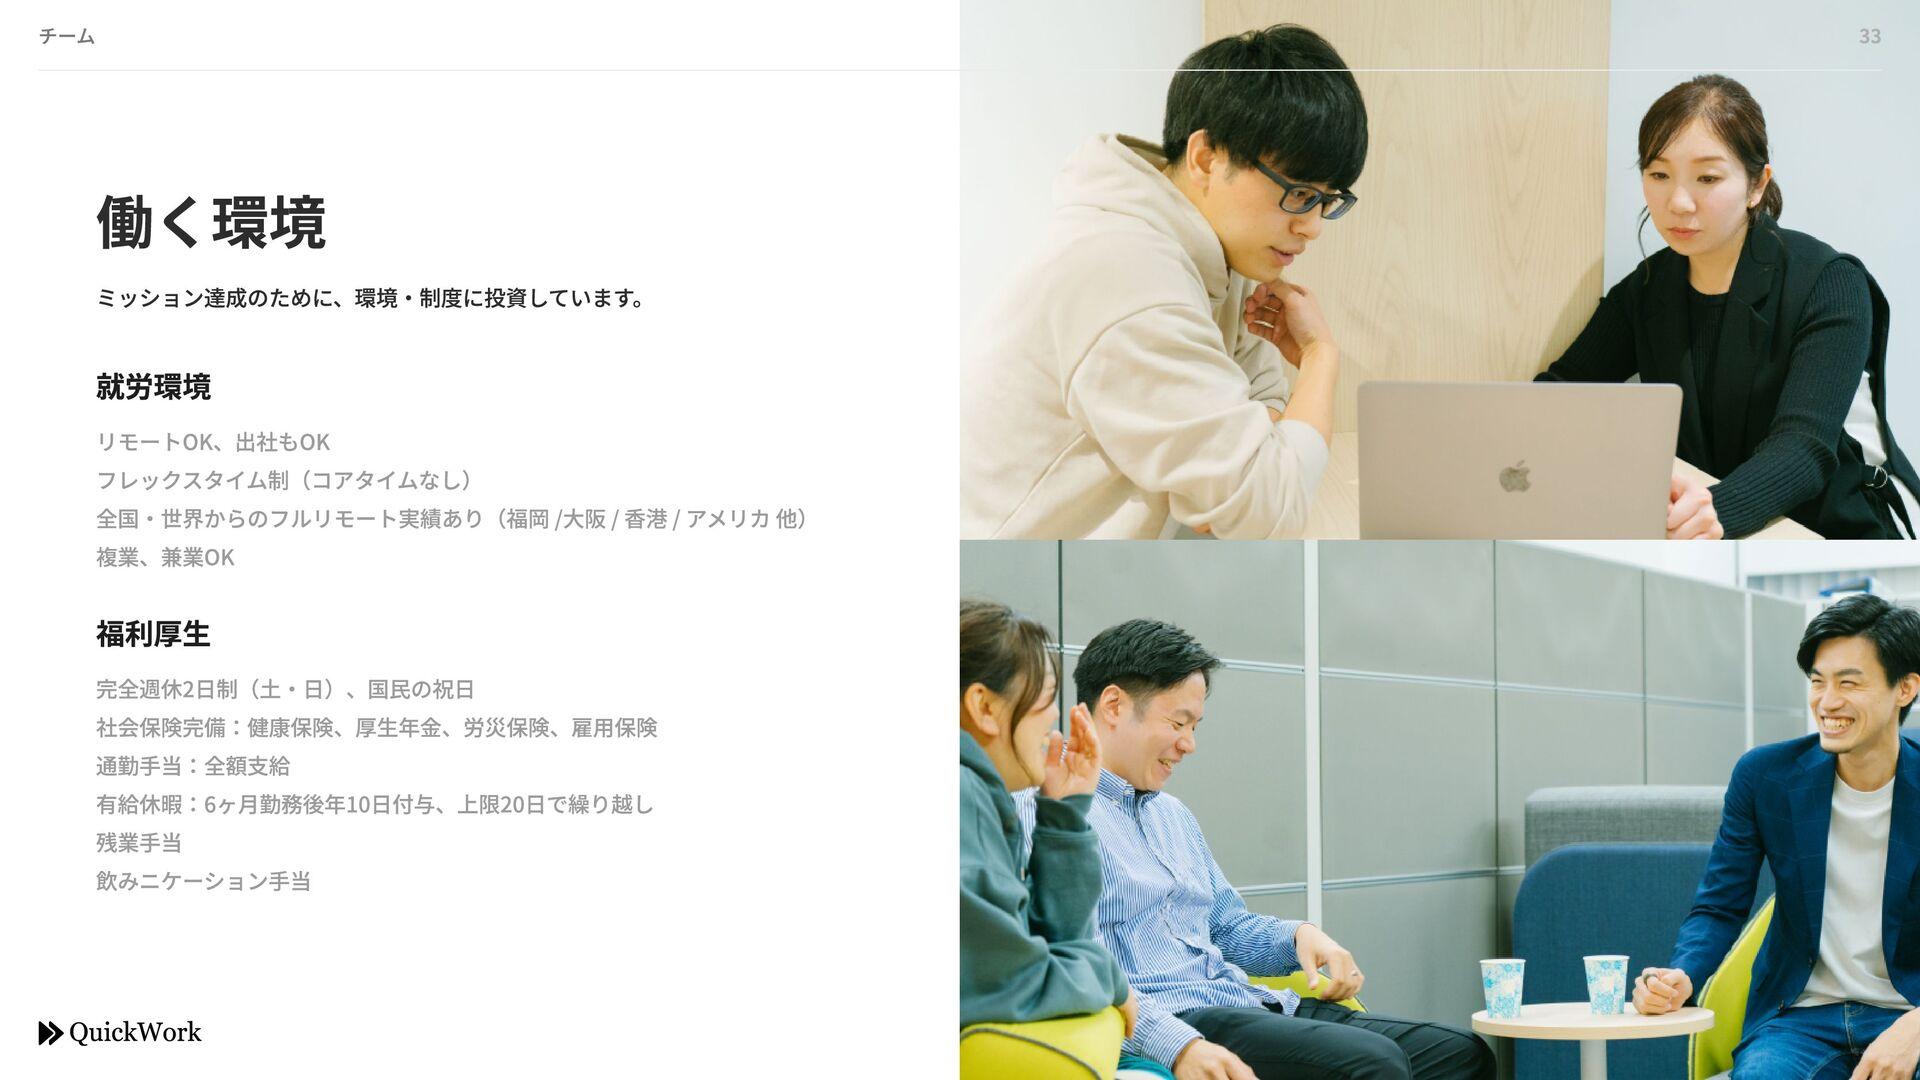 QuickWork 組織体制 フラットな⾃律分散型の組織を構築し、 各個⼈のパフォーマンスを最...